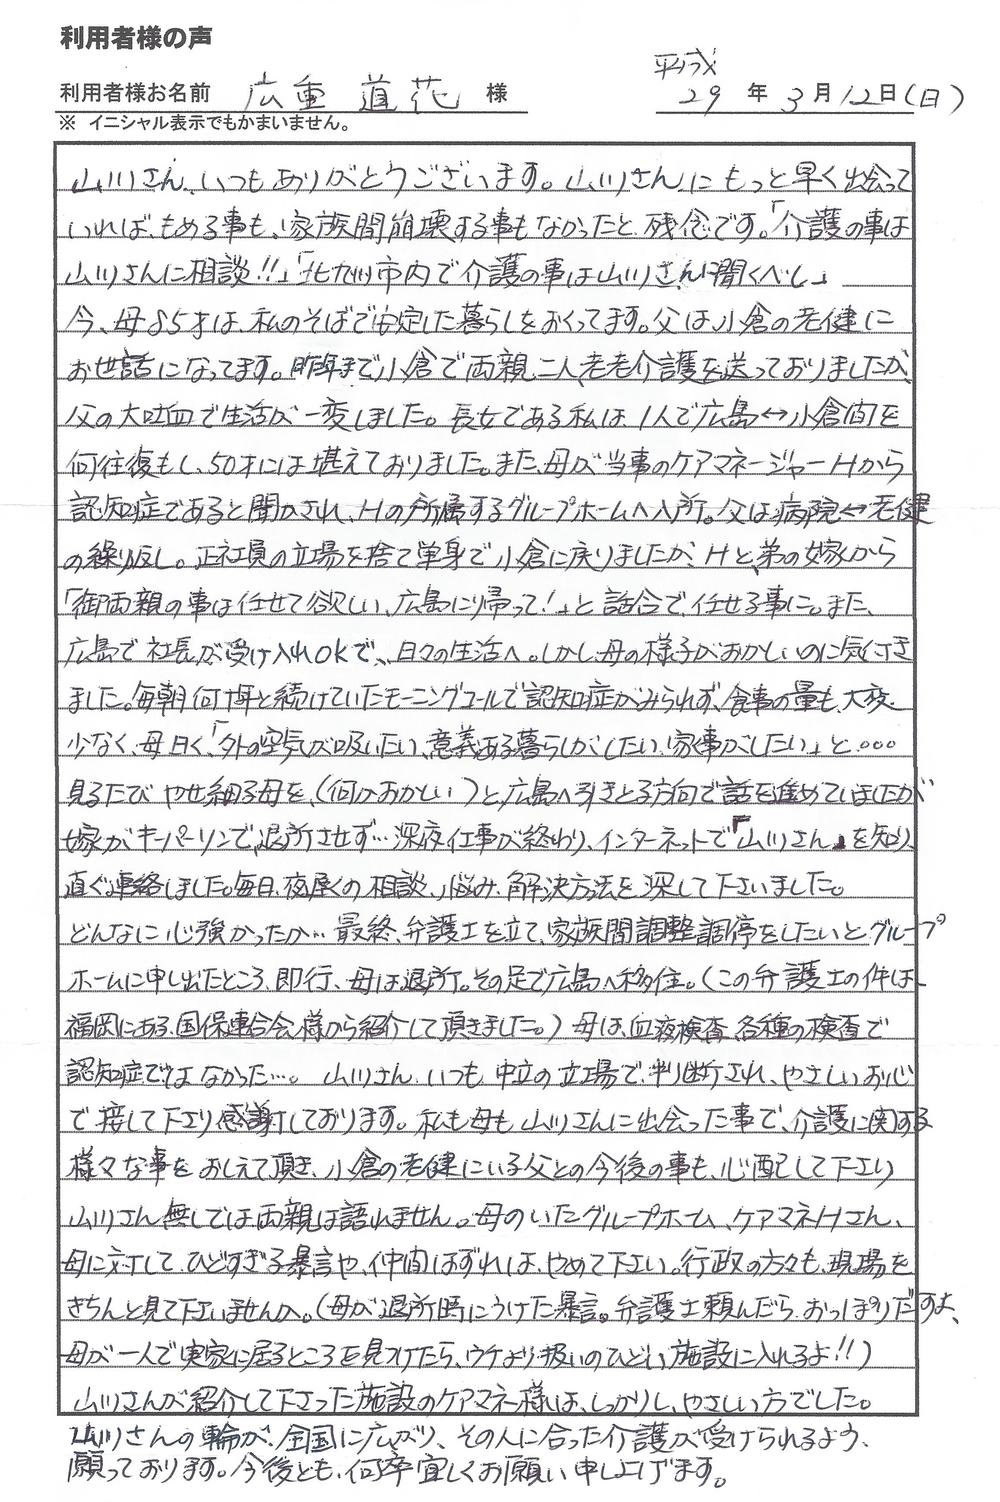 小倉南区在住 広重道花様「母は各種の検査で認知症ではなかった…」